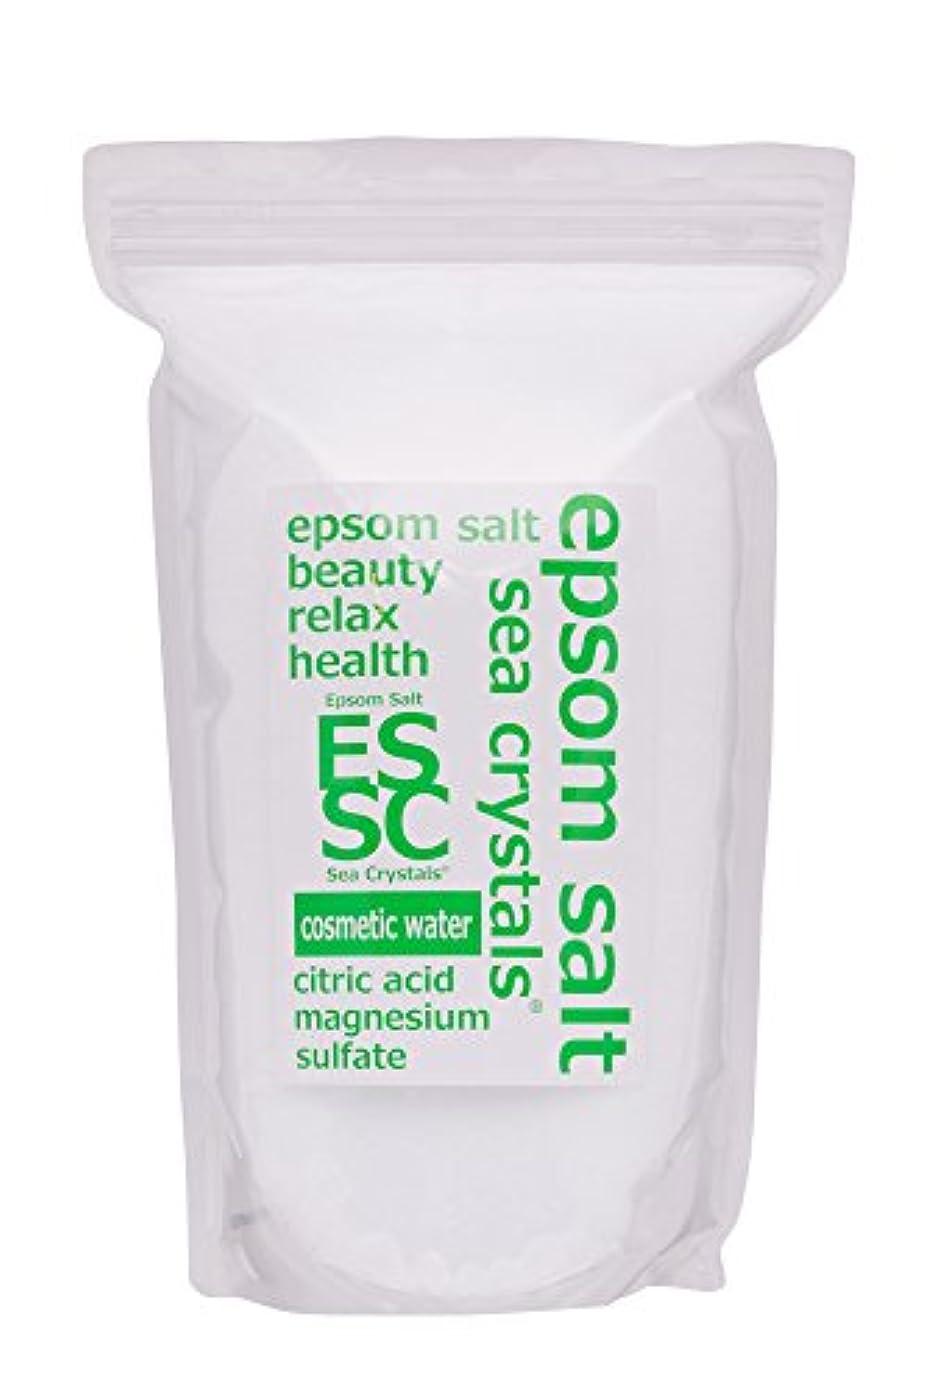 まぶしさ相互頑丈エプソムソルト コスメティックウォーター 2.2kg入浴剤 (浴用化粧品)クエン酸配合 シークリスタルス